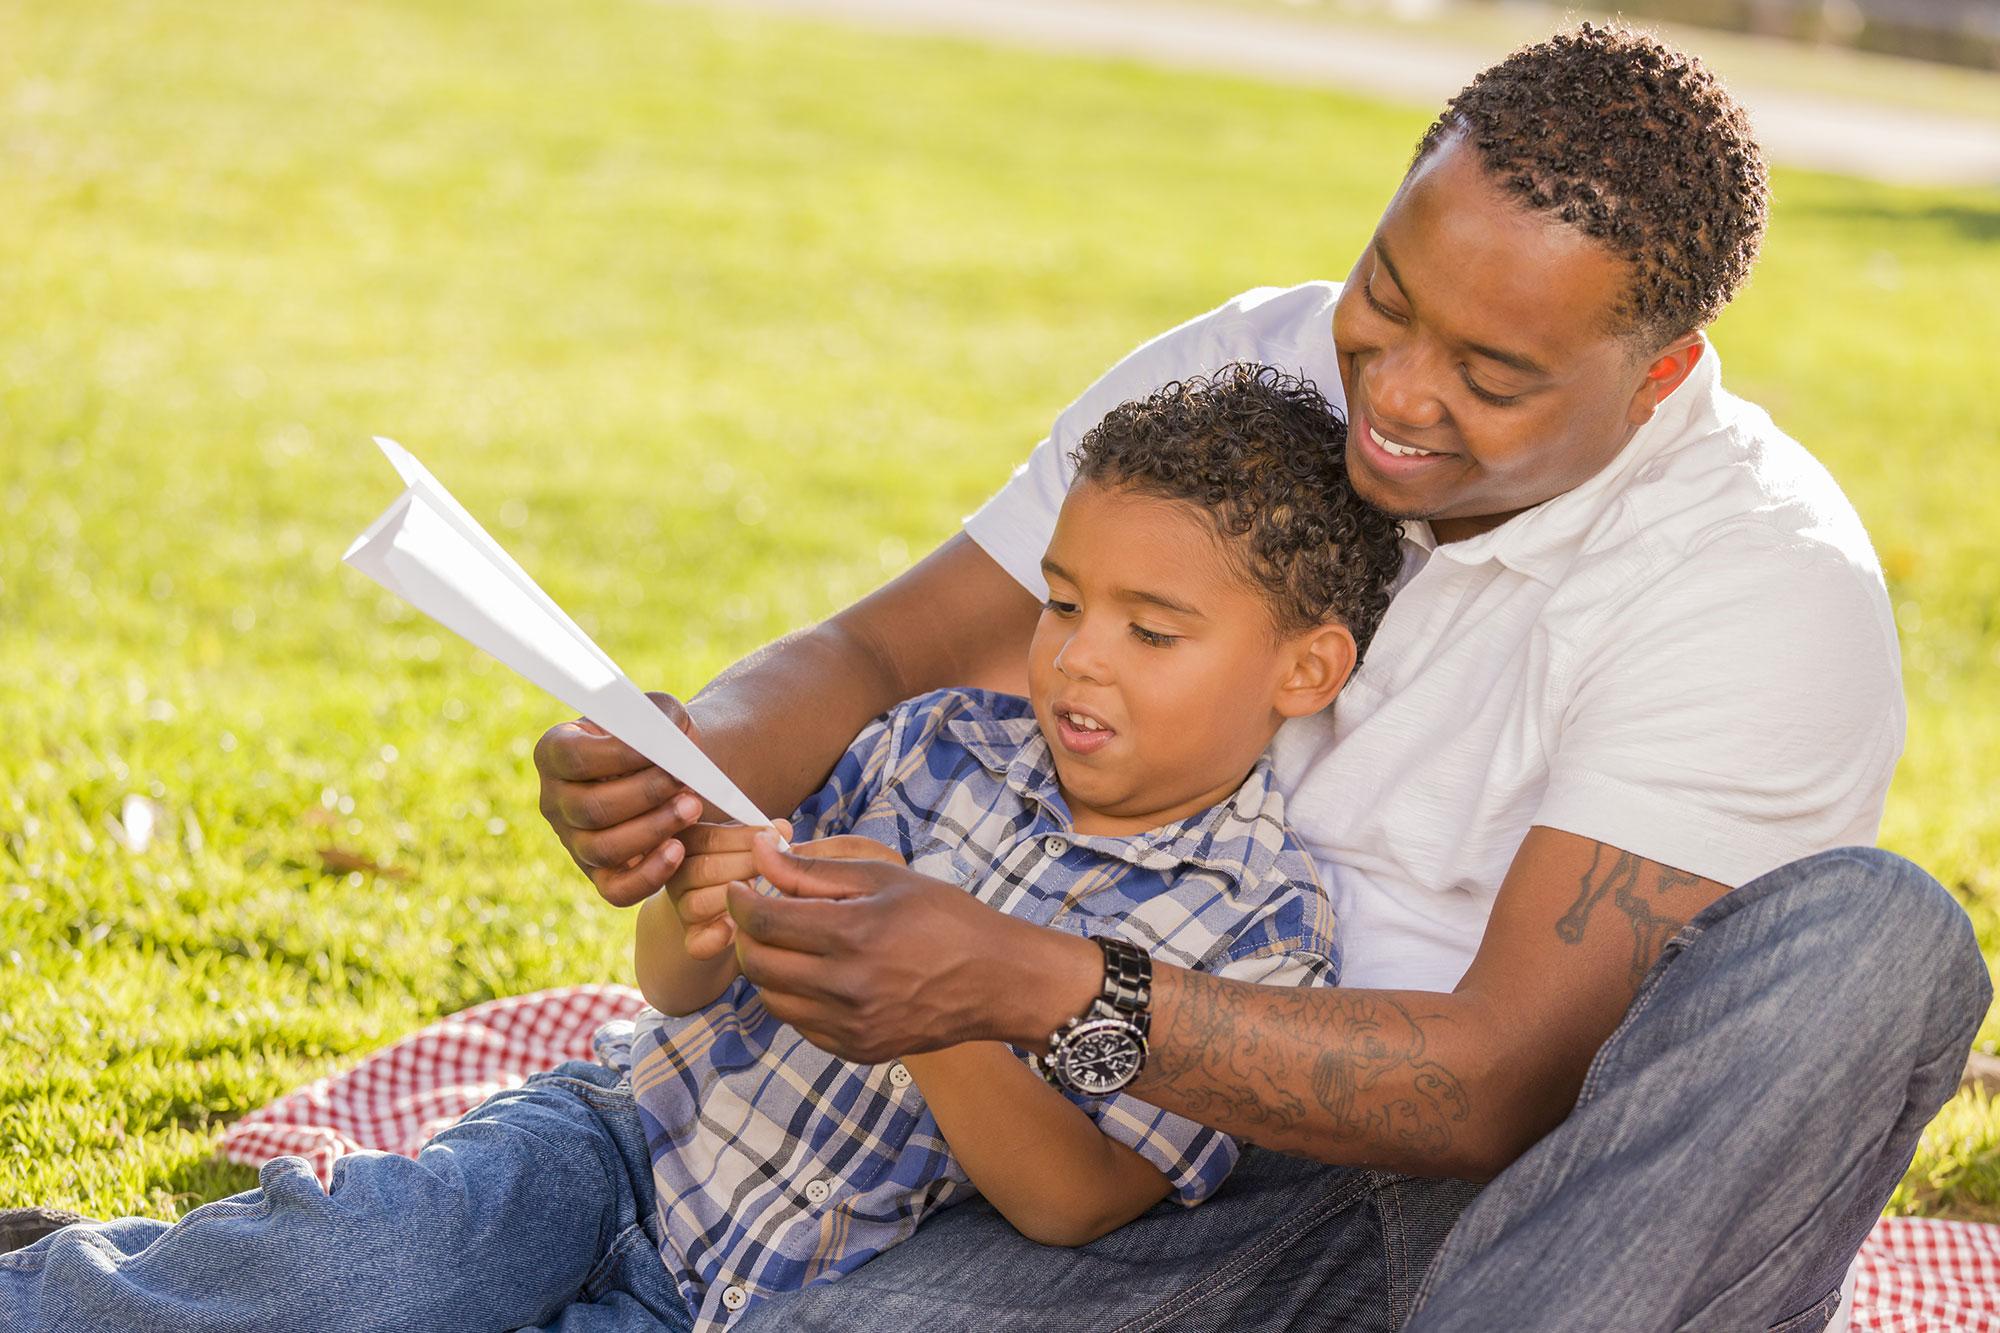 dad-son-reading